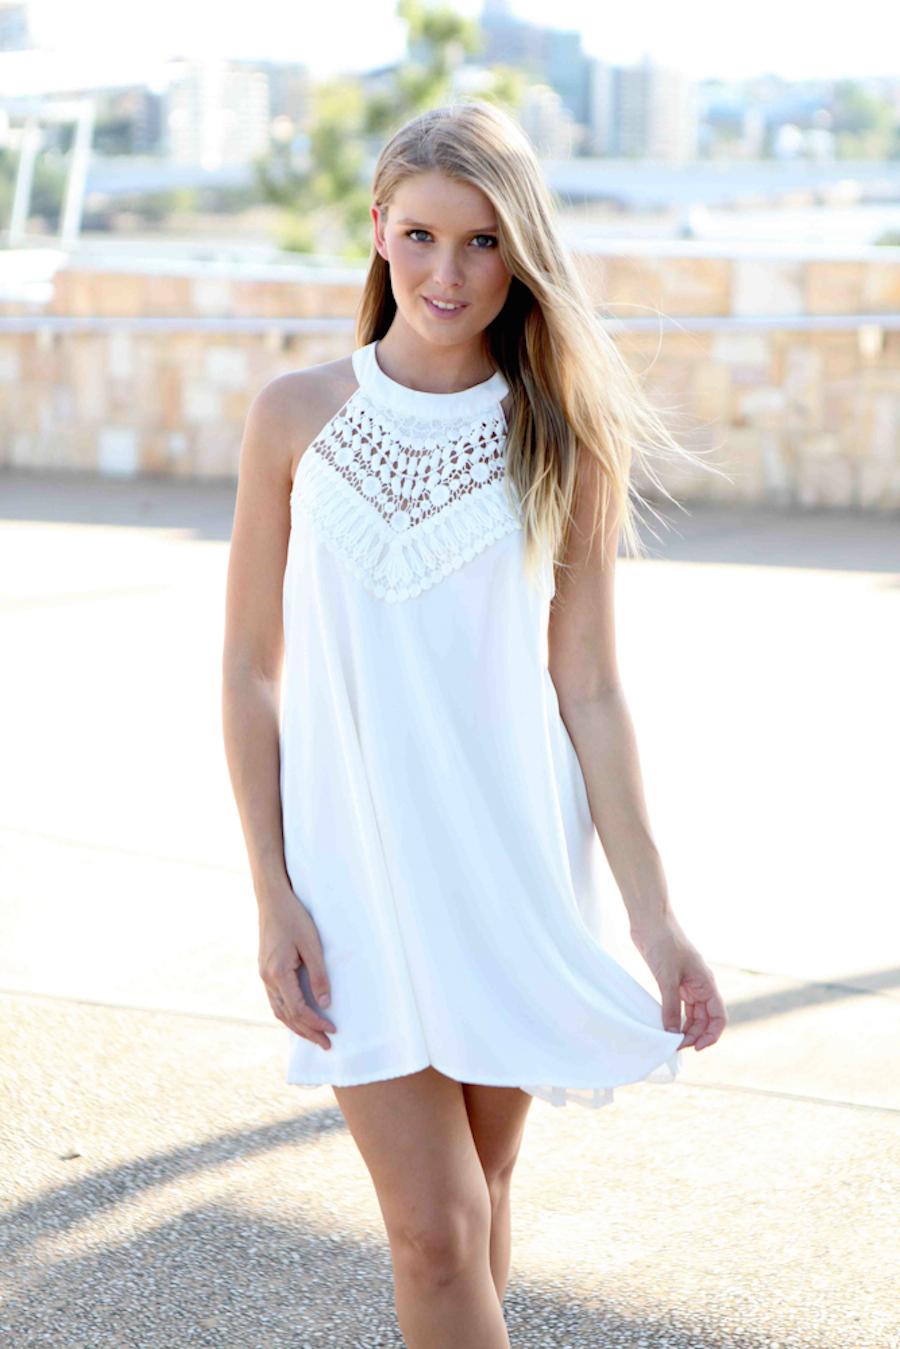 White Halter Dress - White Sleeveless Halter Lace Dress | UsTrendy